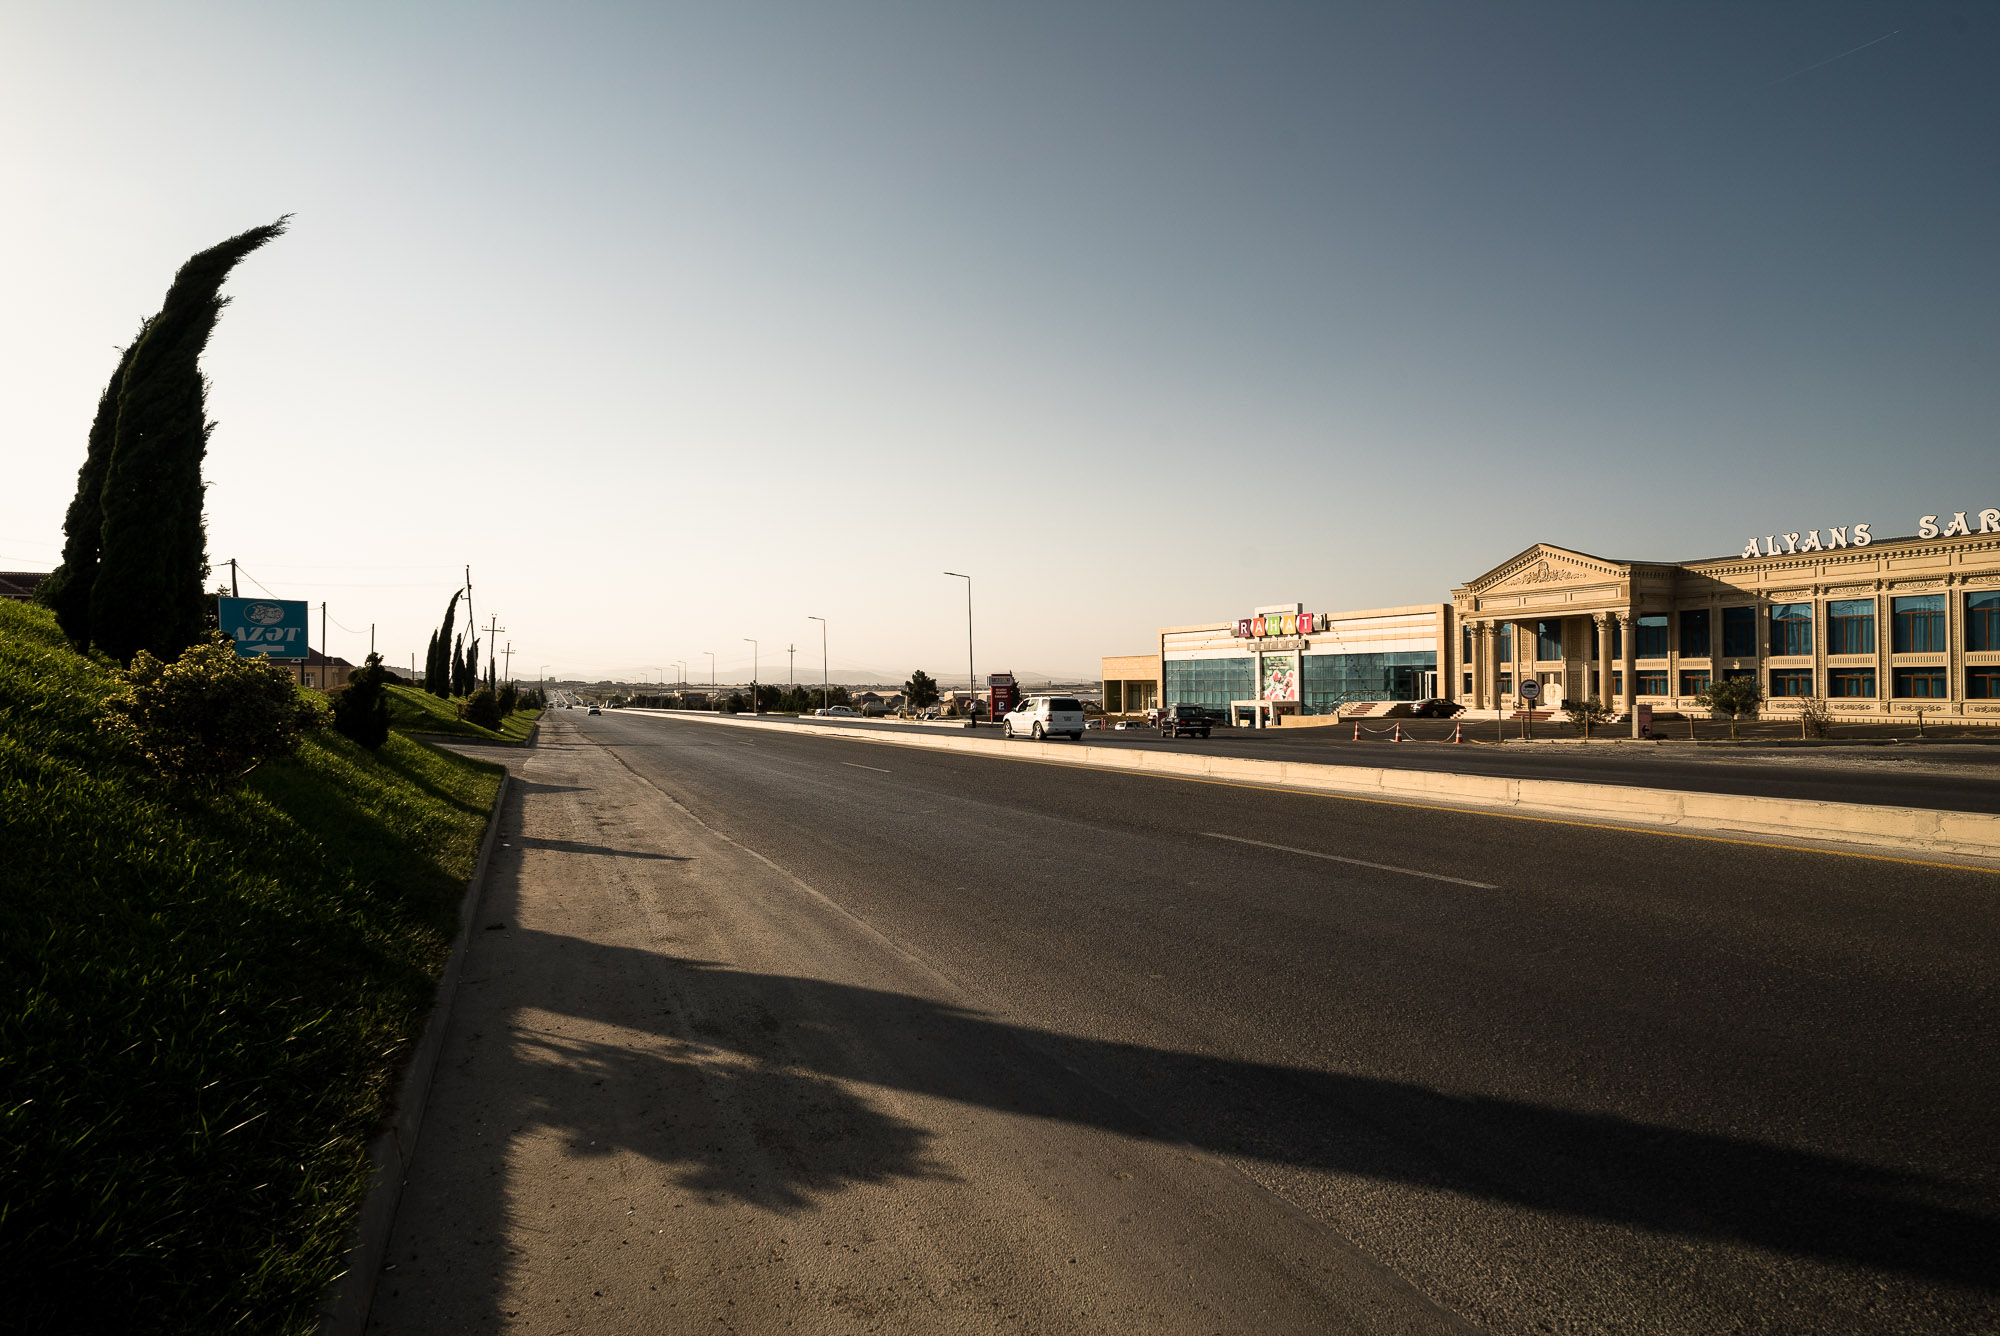 20km out of Baku